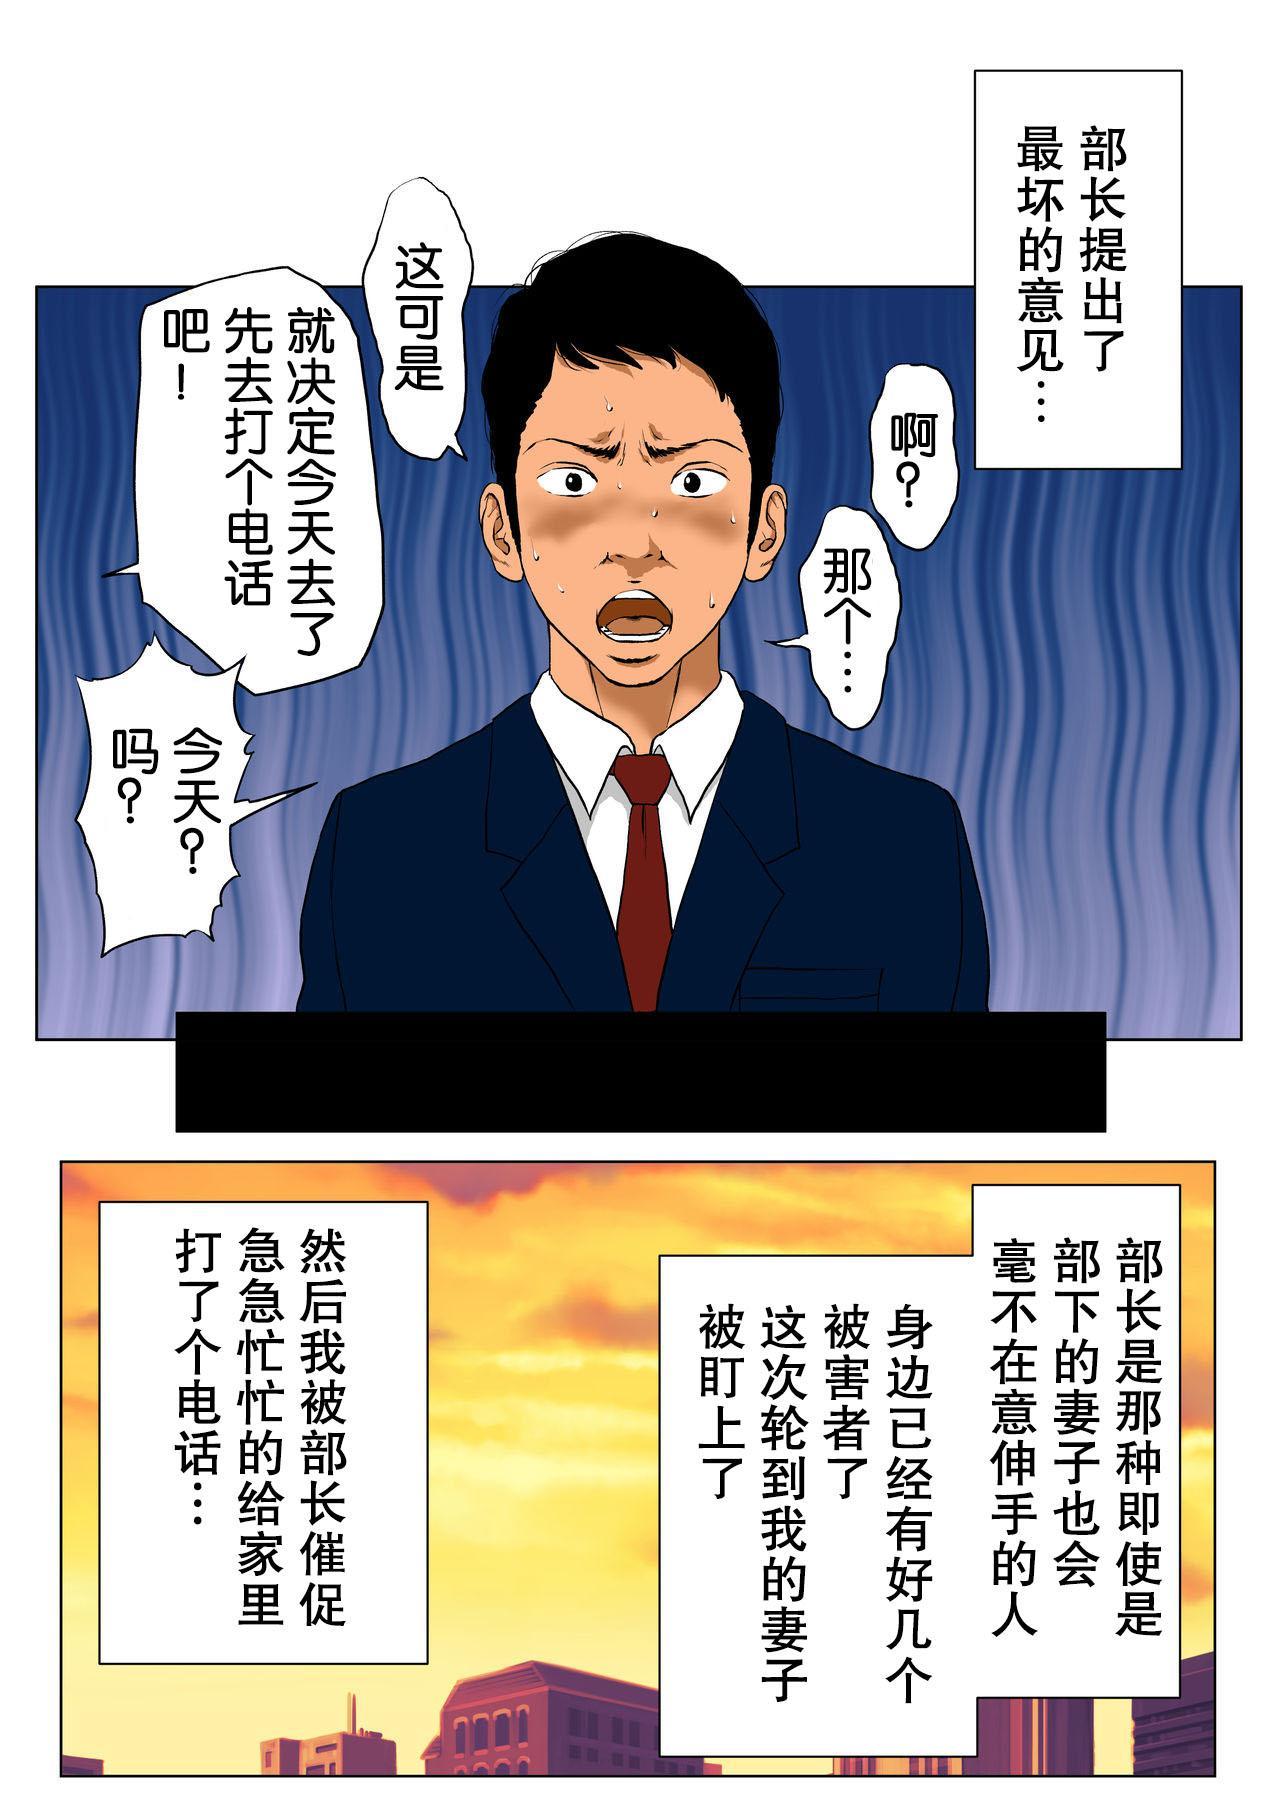 [W no Honnou] Shin, Boku no Tsuma to Kyokon no Moto AV Danyuu Buchou[Chinese]【不可视汉化】 11